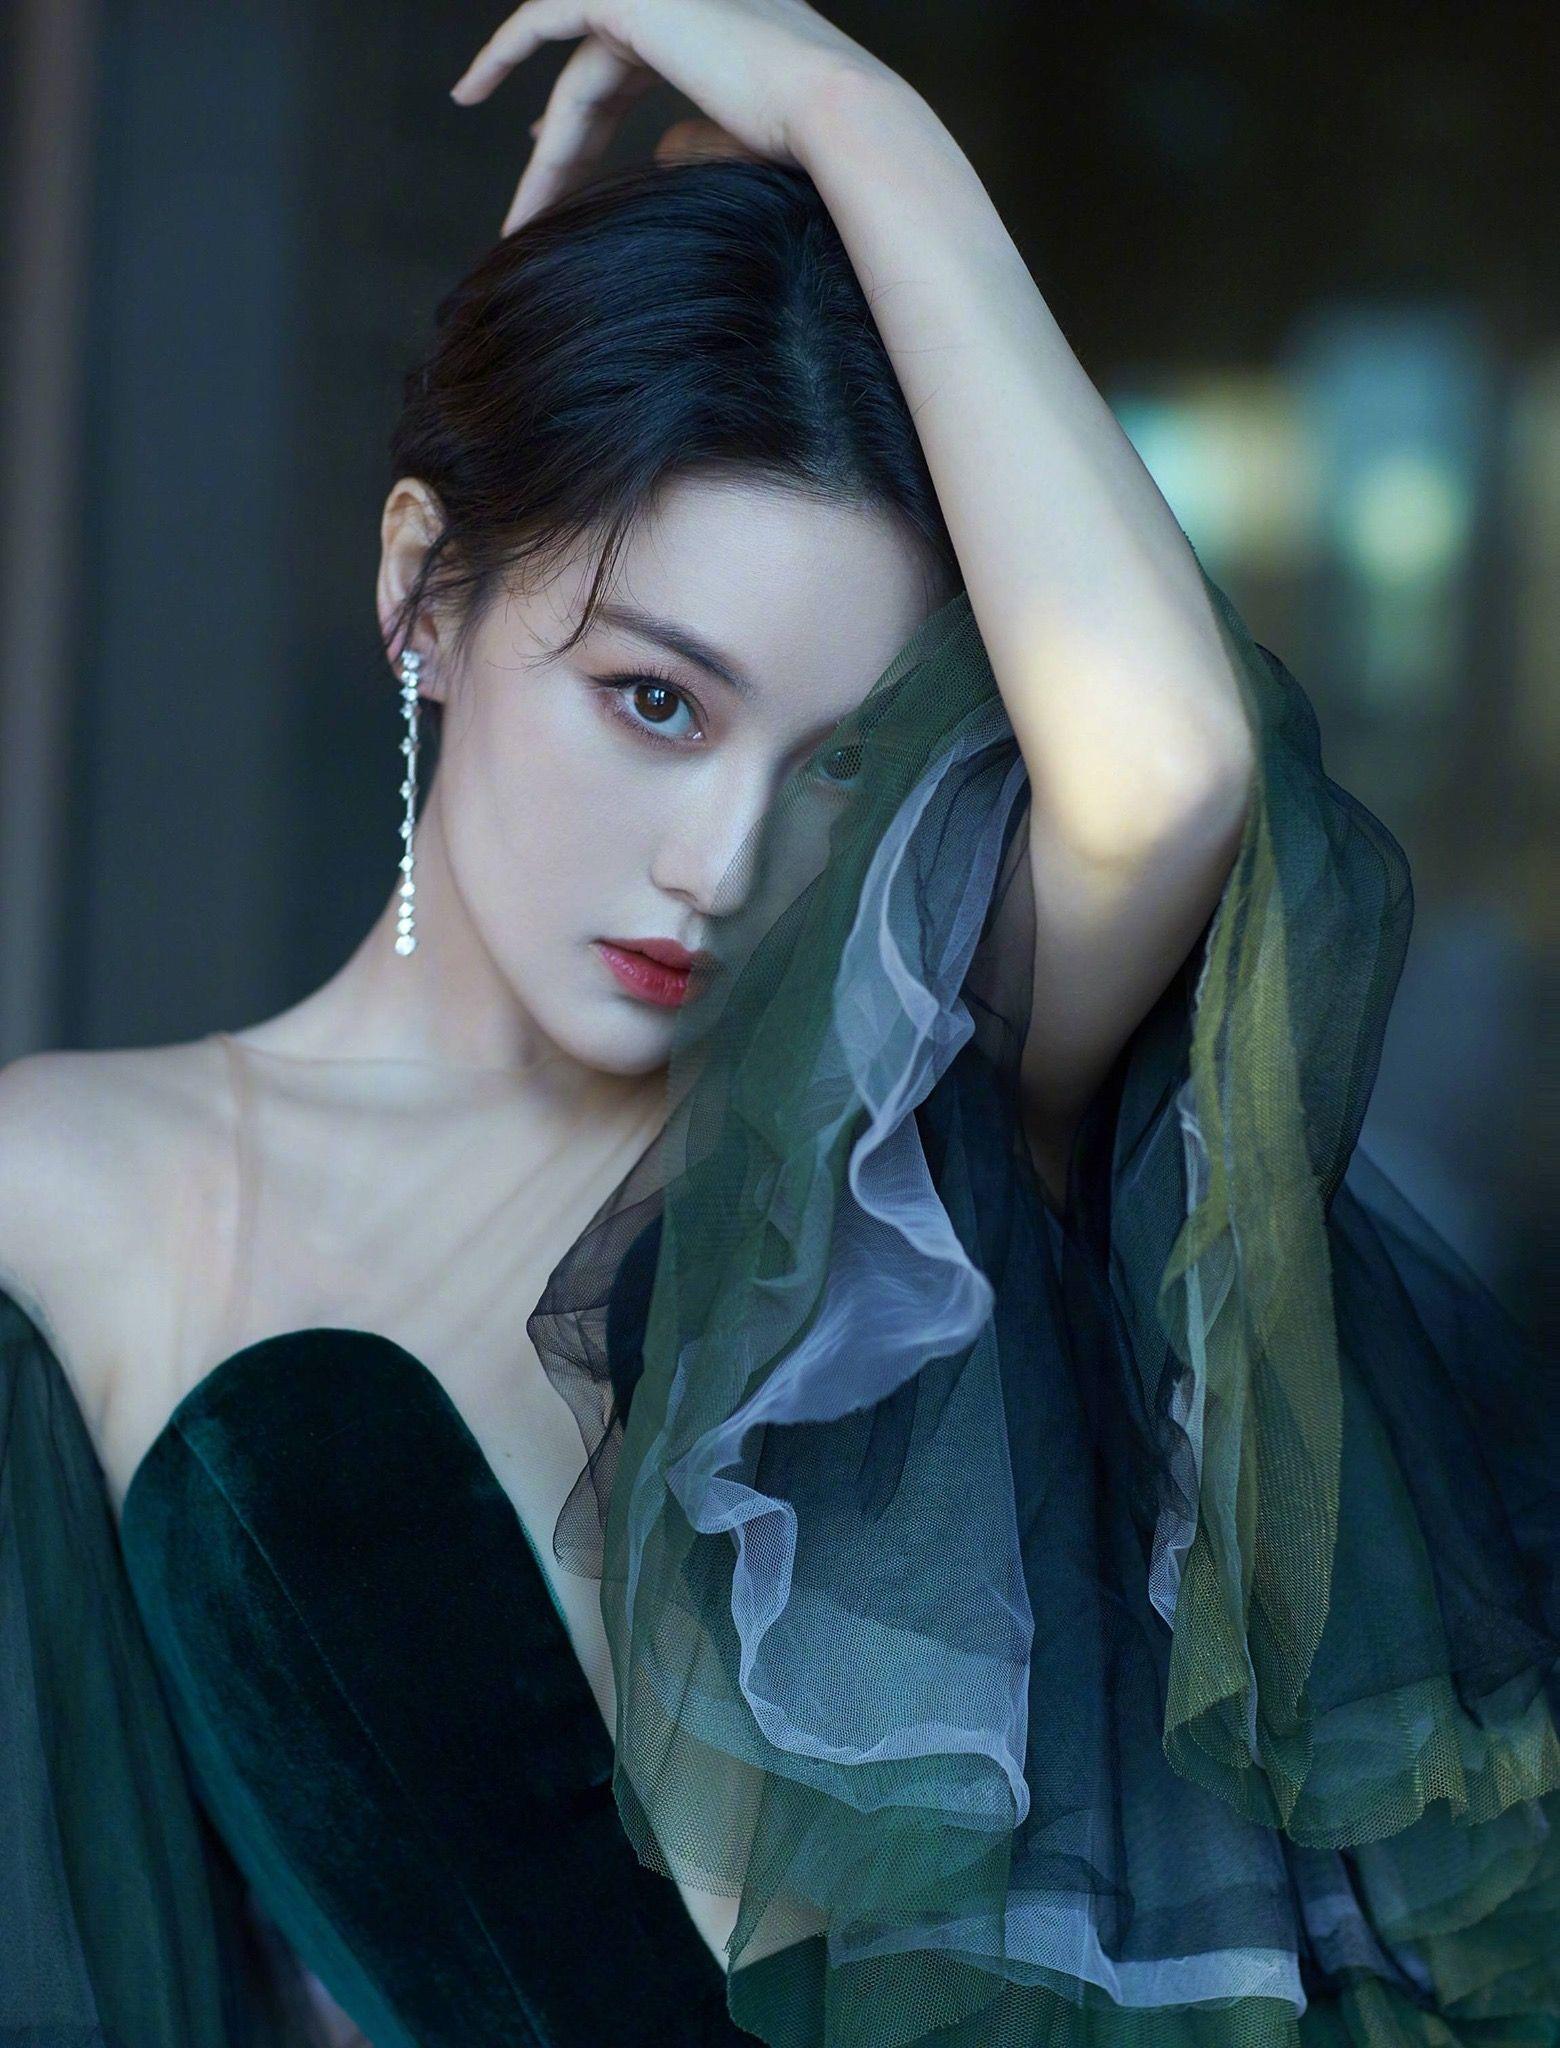 zhang xin yu | Beautiful babies, Beautiful, Beautiful women